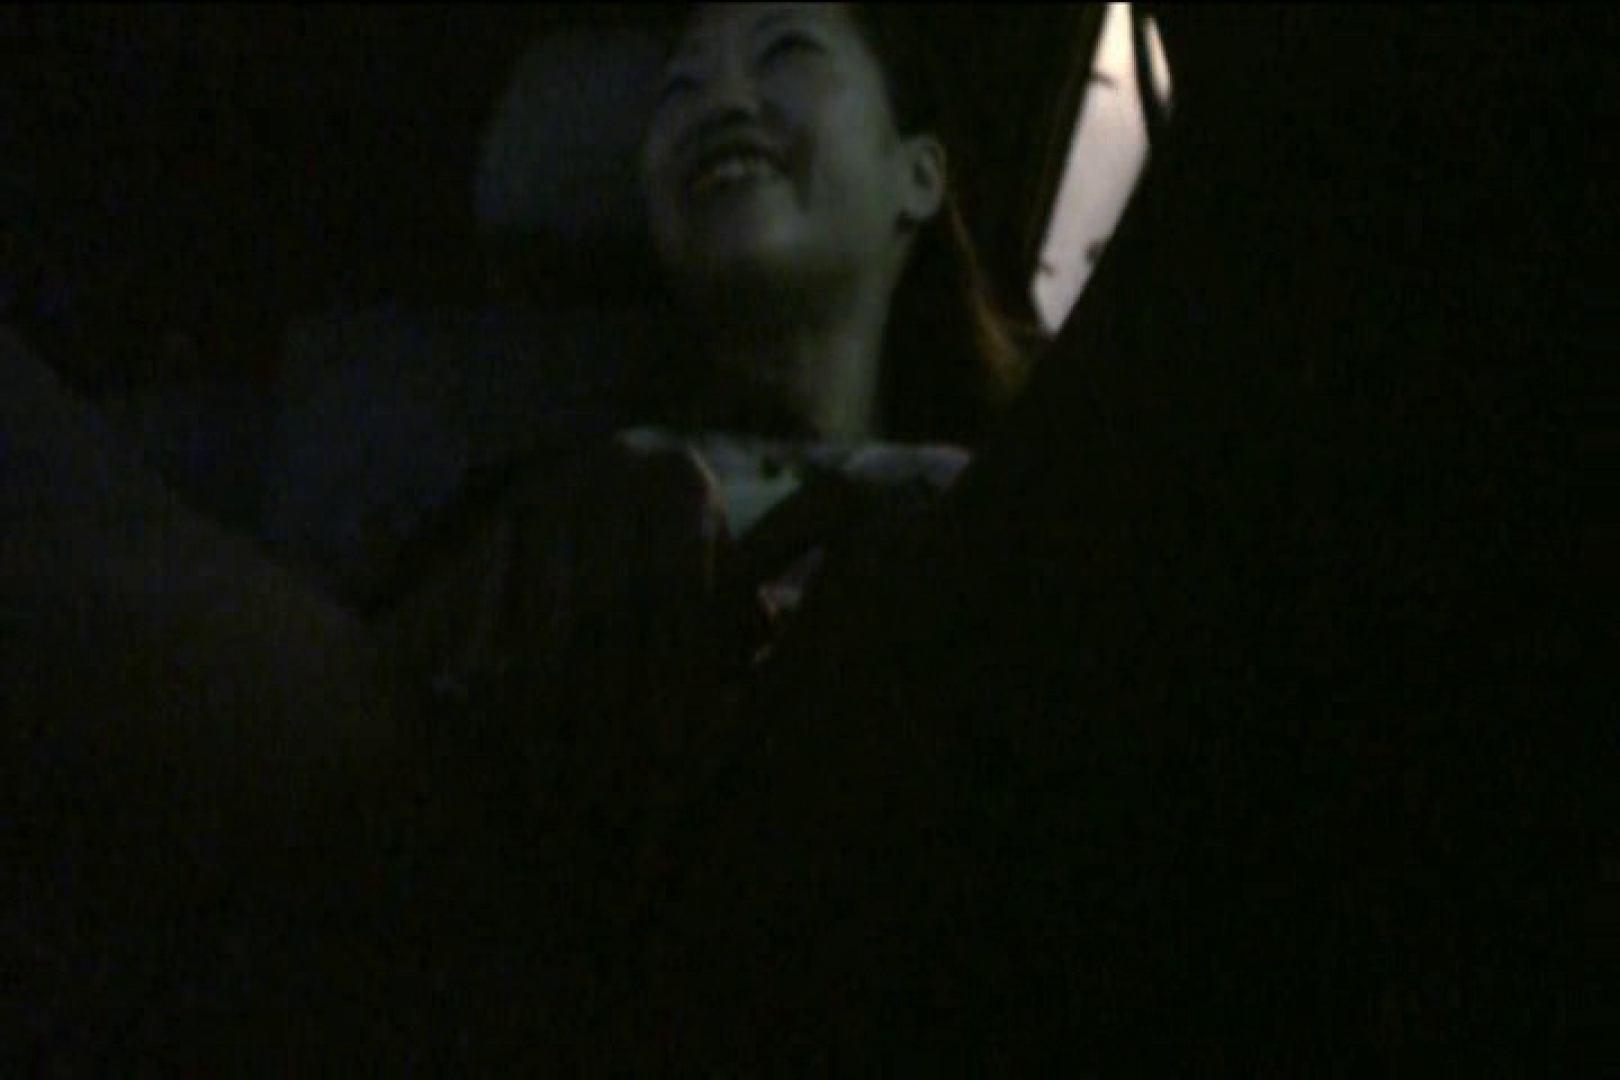 車内で初めまして! vol01 エッチ見放題 アダルト動画キャプチャ 102PIX 93